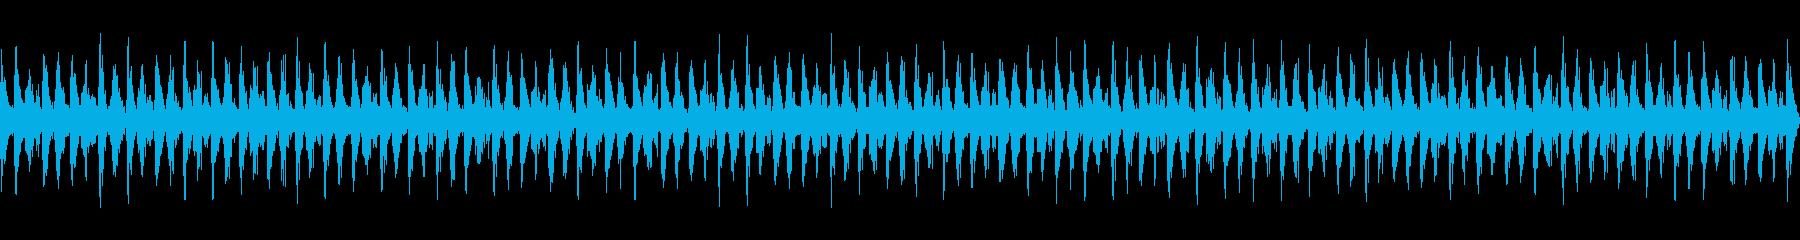 部屋から音漏れするダンスミュージックの再生済みの波形